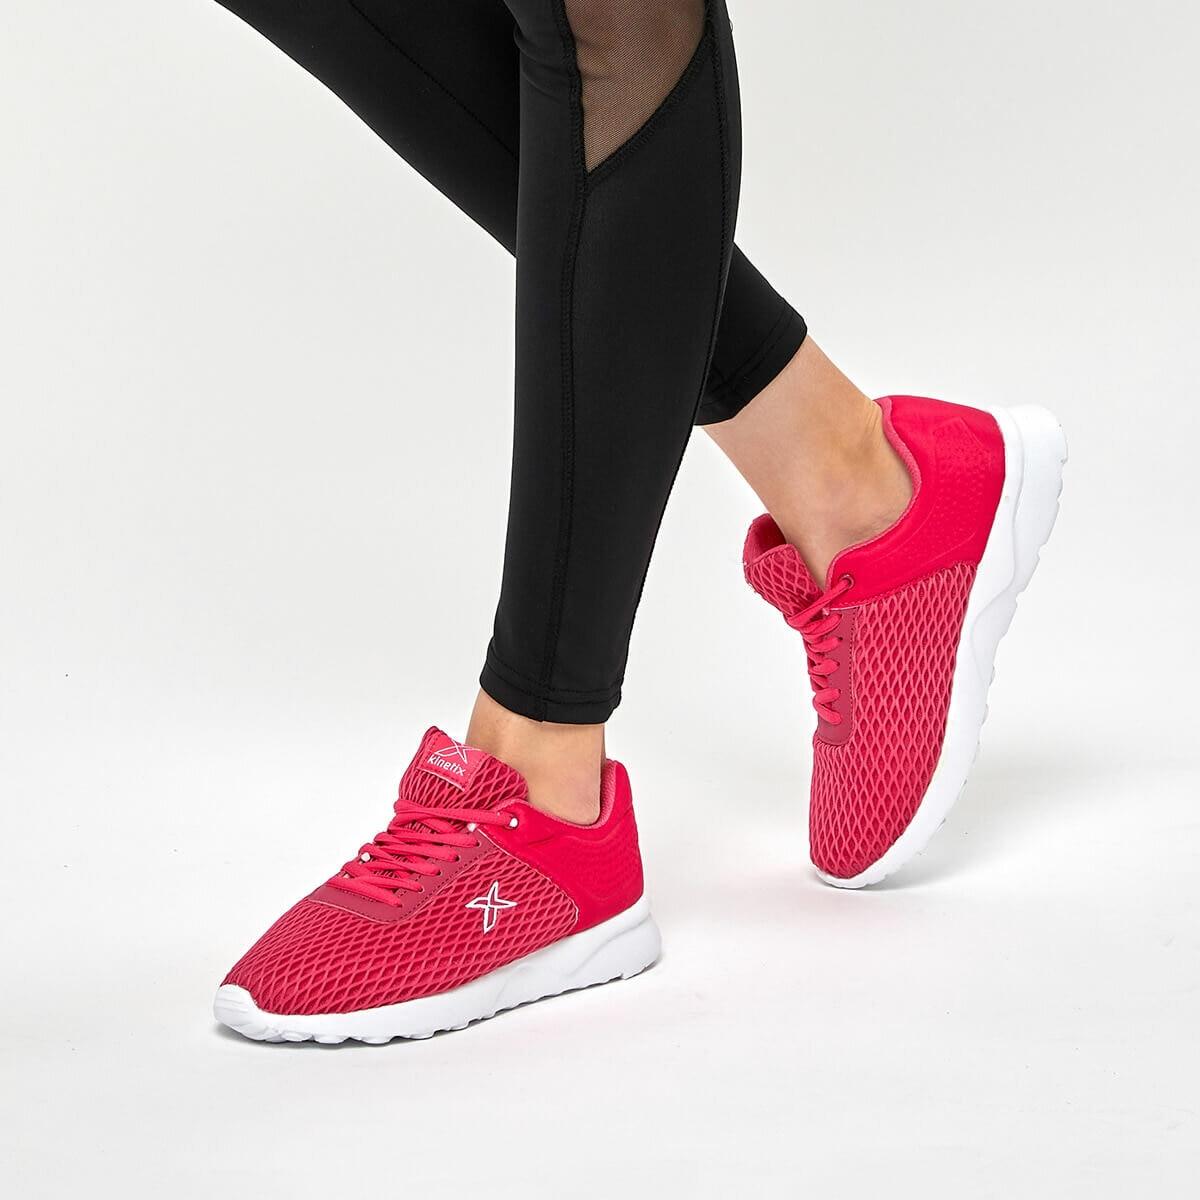 FLO Women Sneaker Sport Shoes Woman Sneakers Black Platform Trainers Women Shoe Casual Tenis Feminino Zapatos De Mujer Zapatillas Womens Sneaker Basket KINETIX TALY W Fuchsia